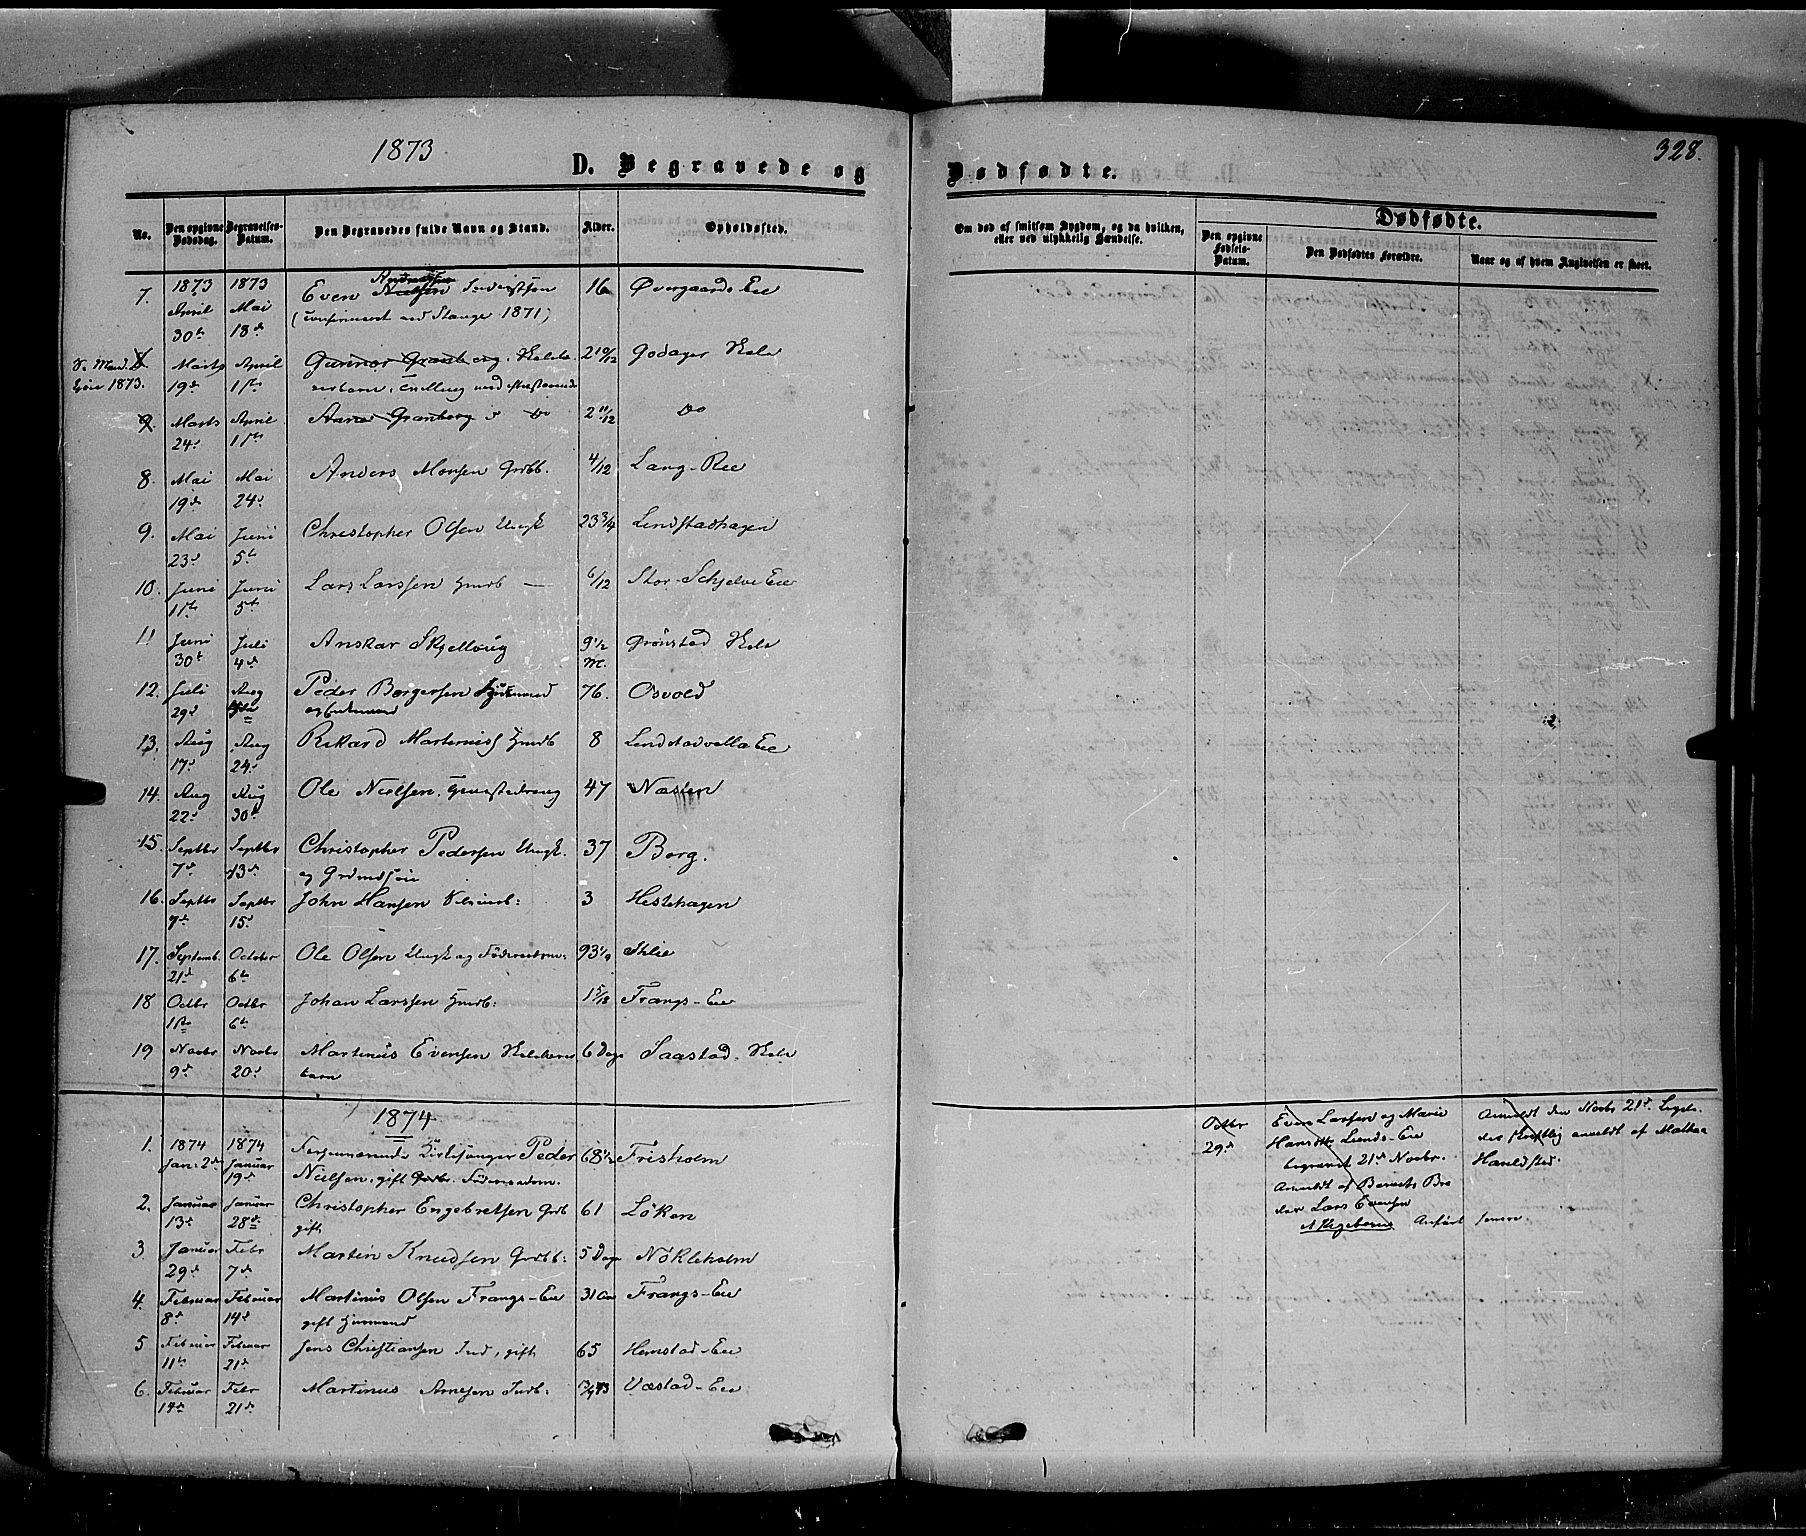 SAH, Stange prestekontor, K/L0013: Parish register (official) no. 13, 1862-1879, p. 328